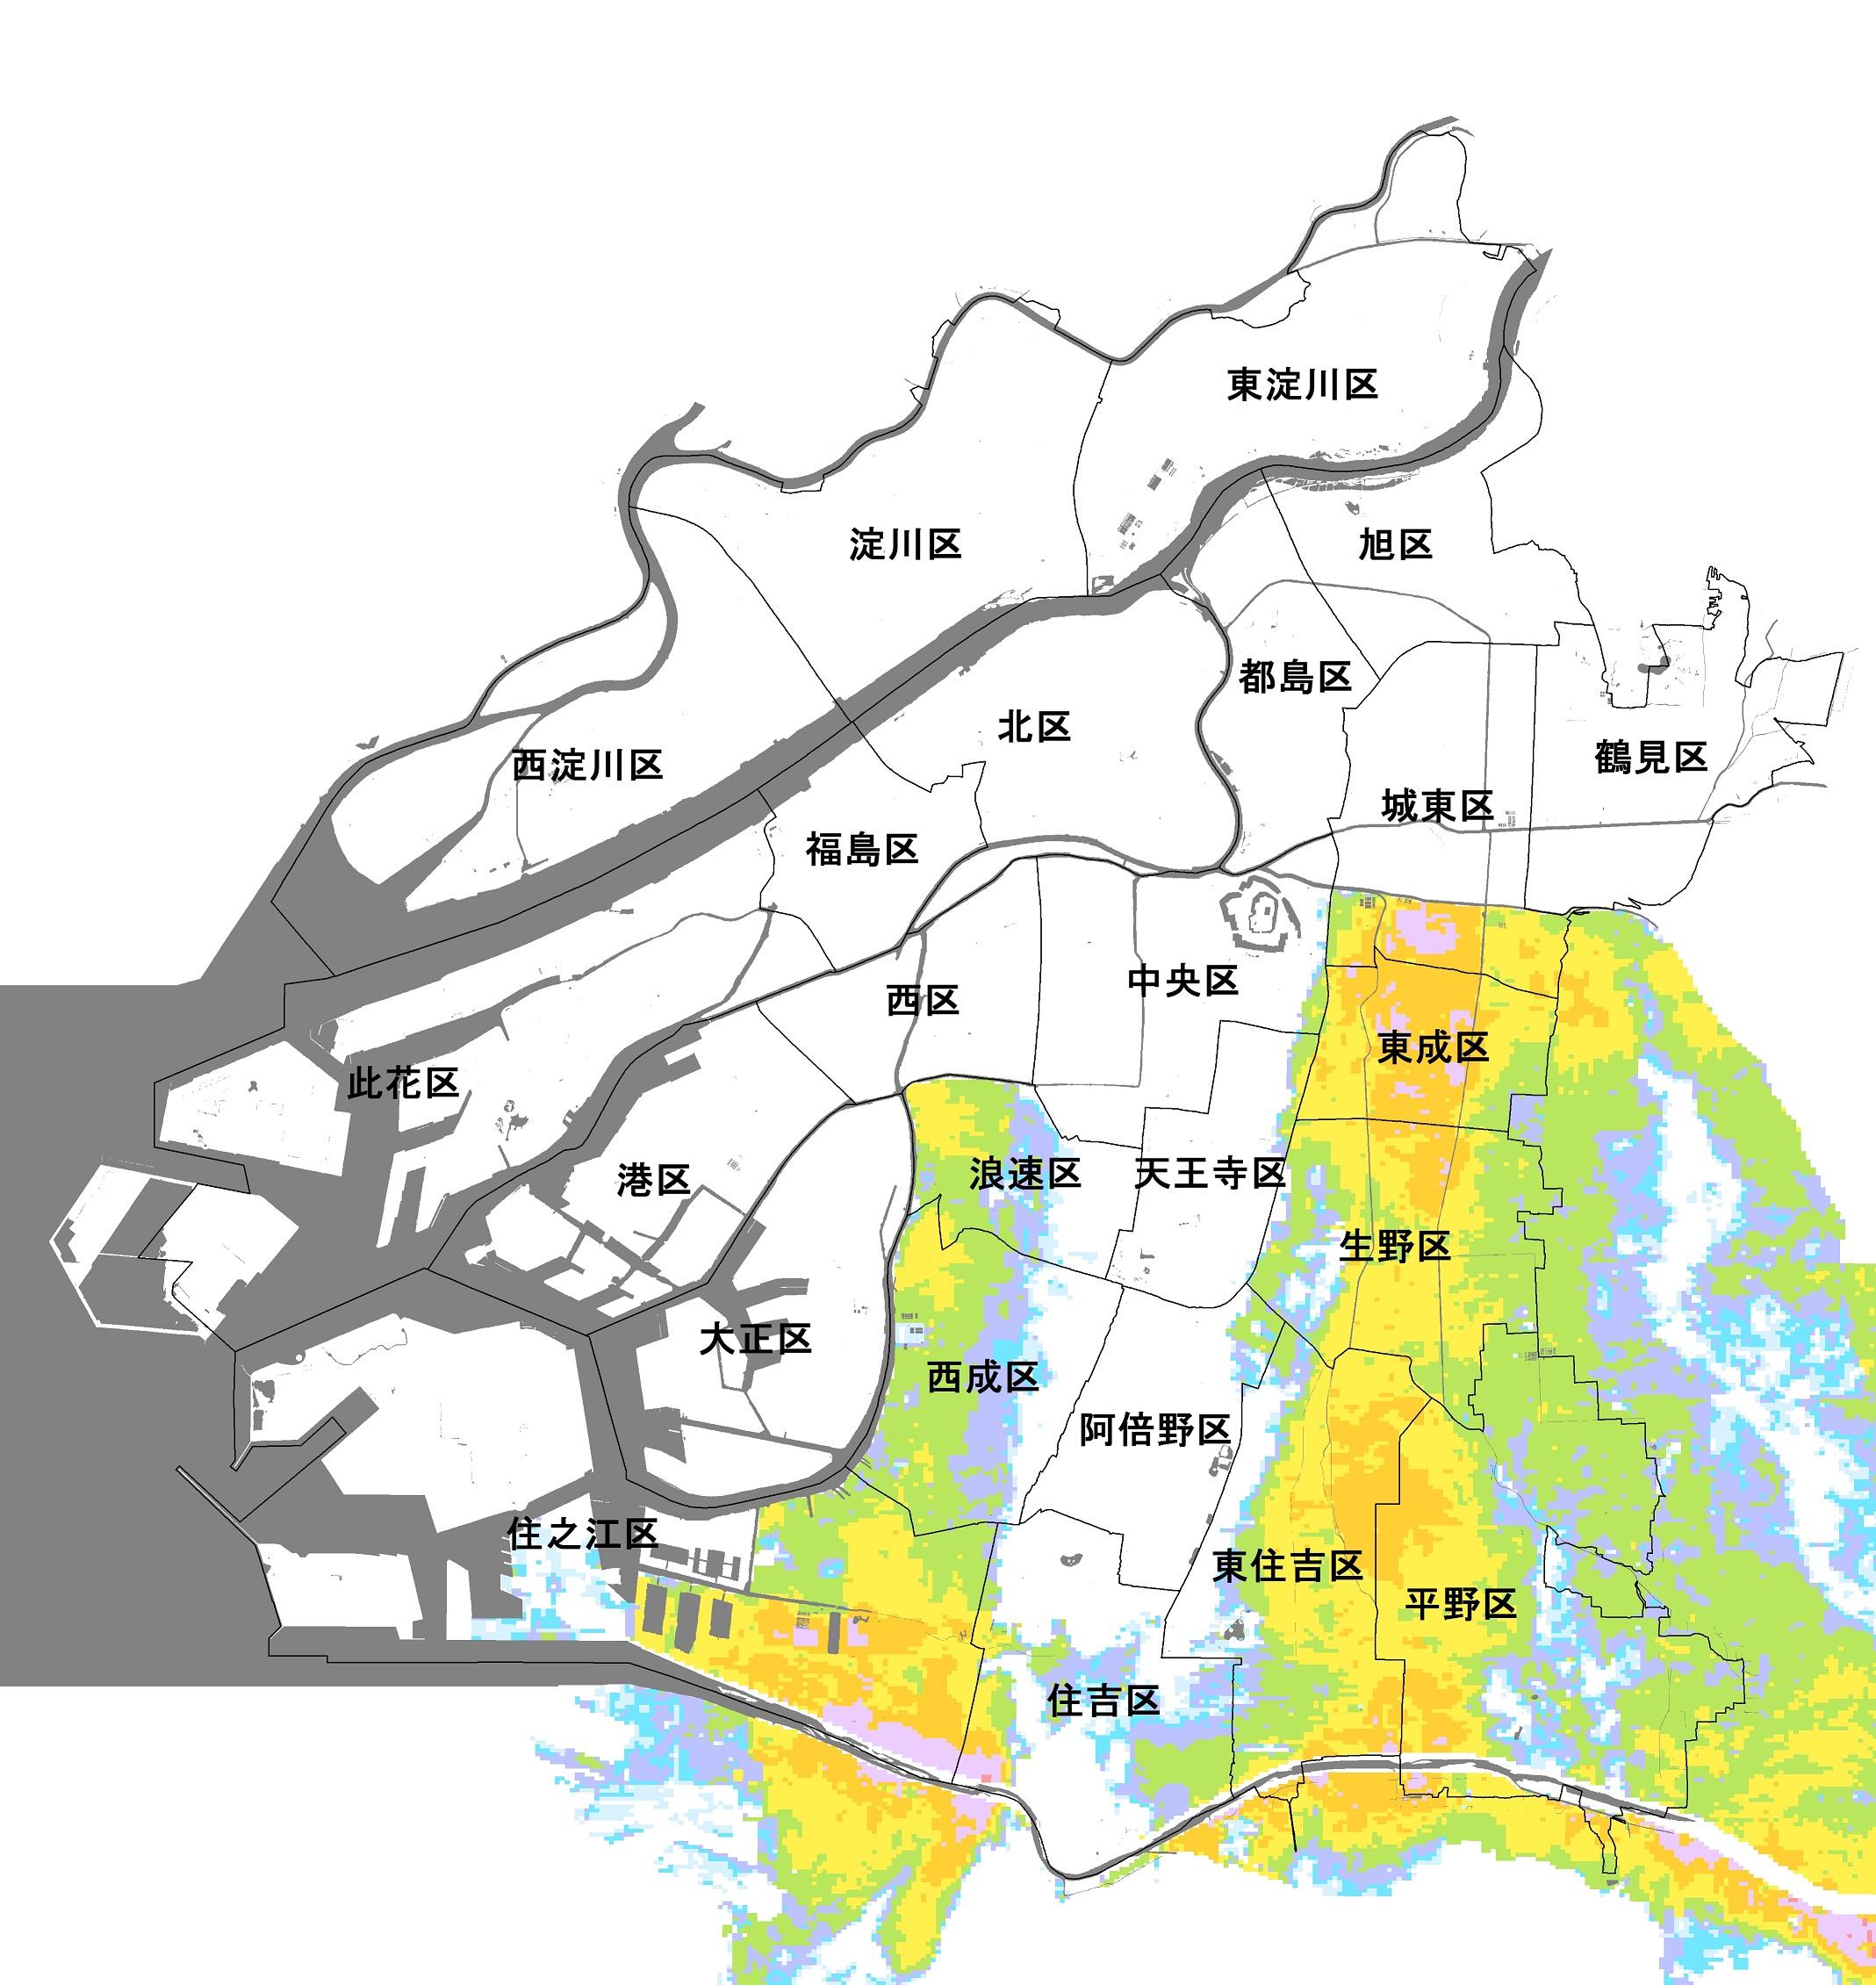 大阪市(大和川・東除川の氾濫)のハザードマップ